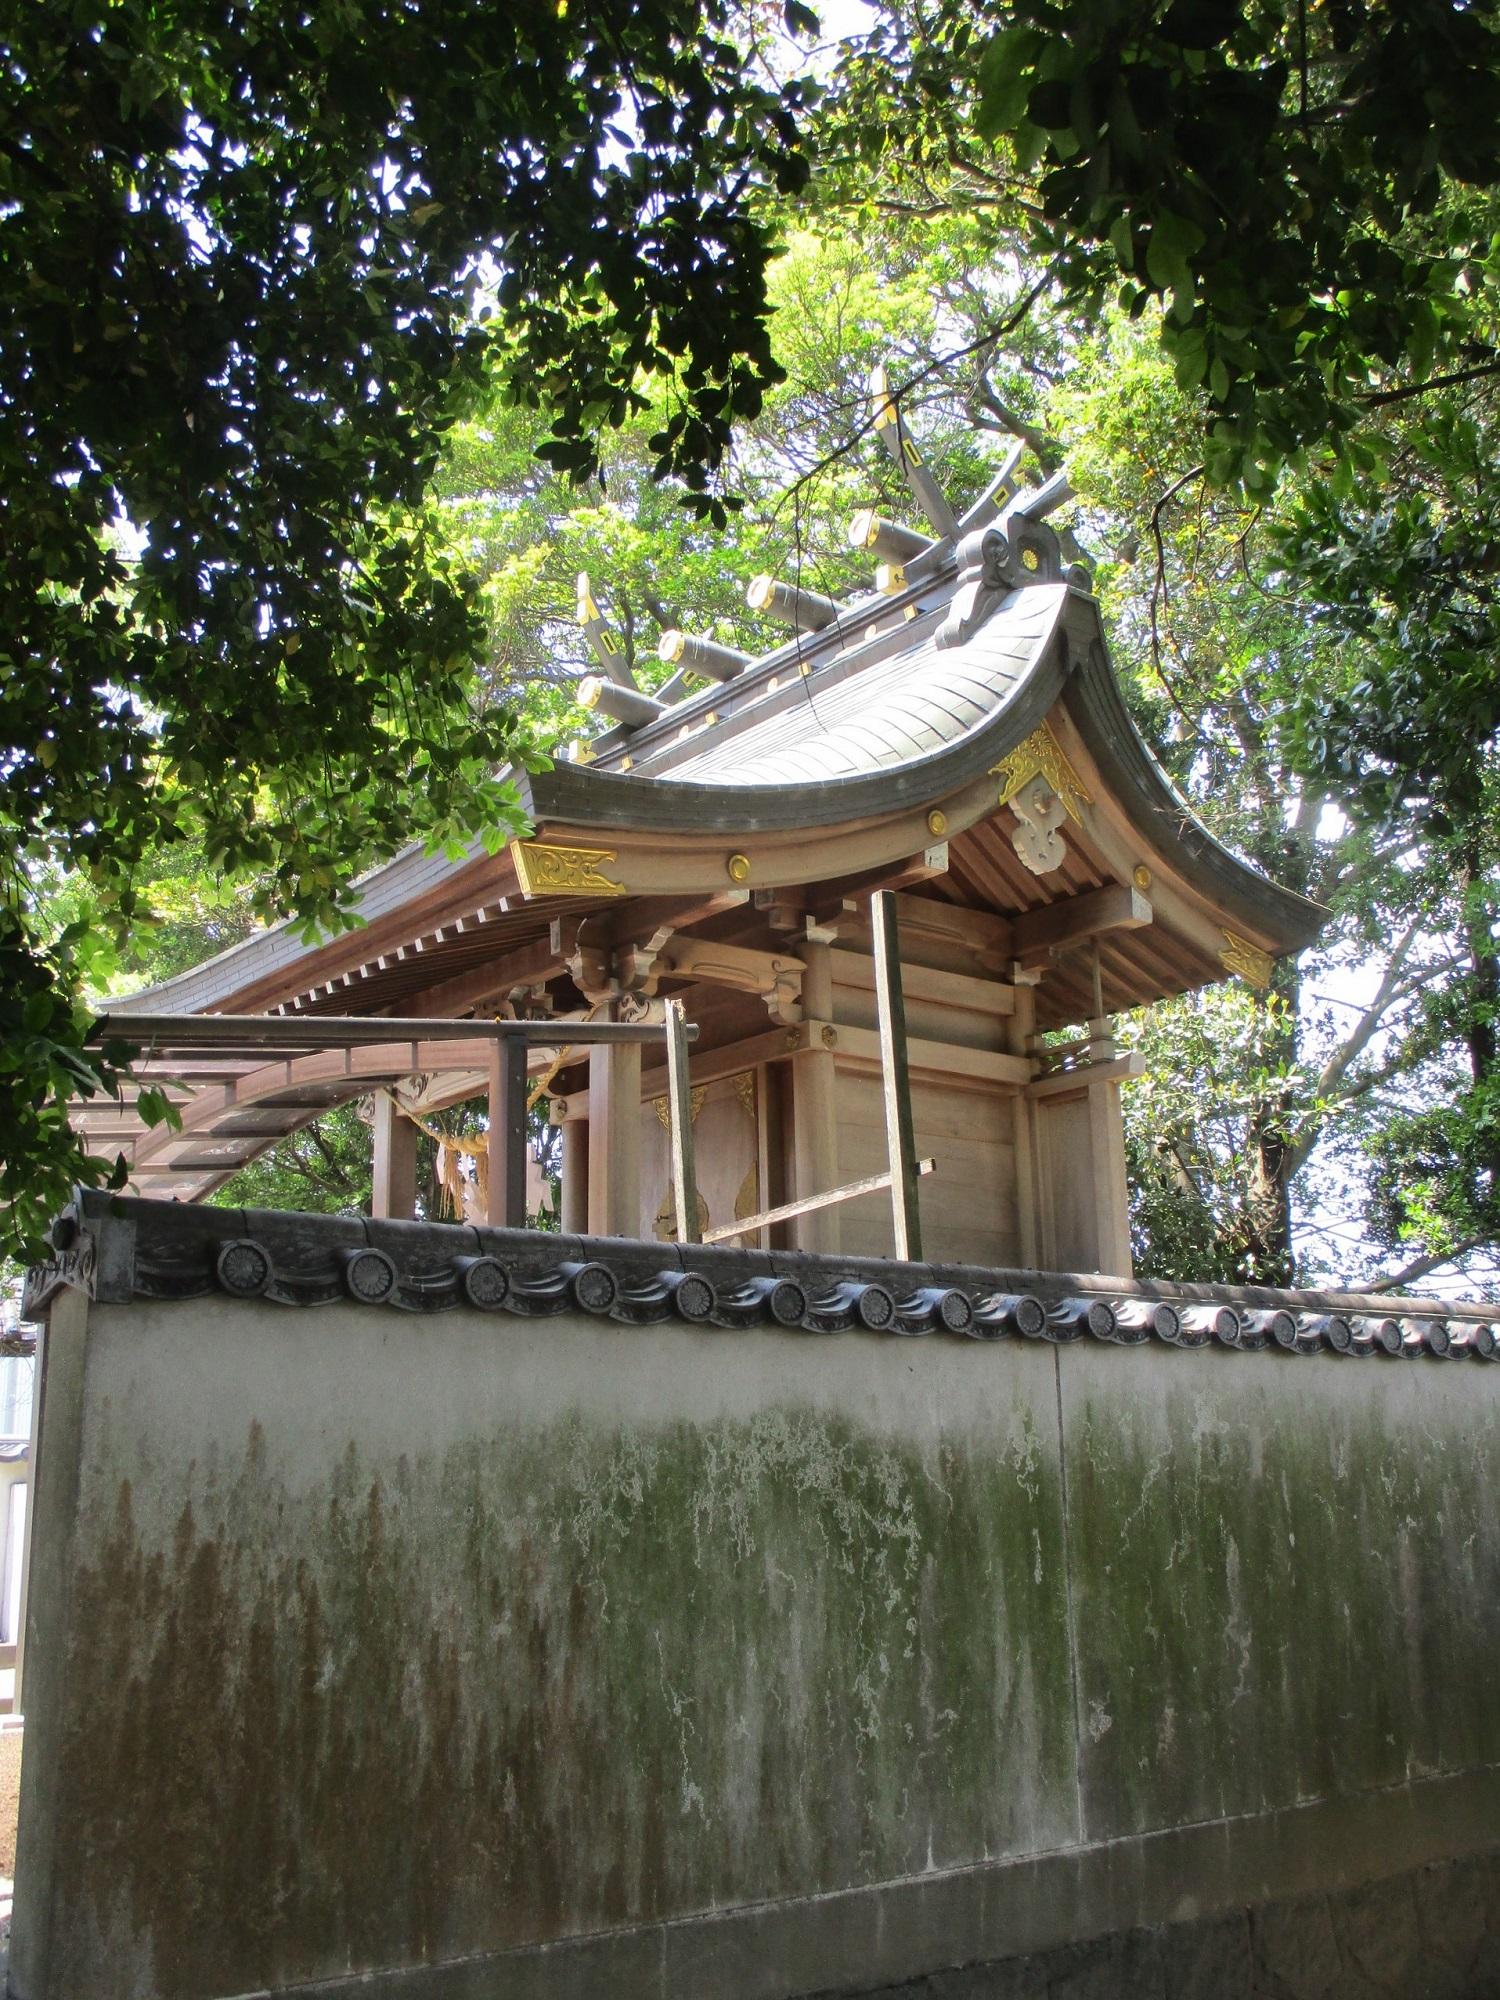 2020.5.13 (9) 酒人神社 - 本殿(みぎ45度から) 1500-2000